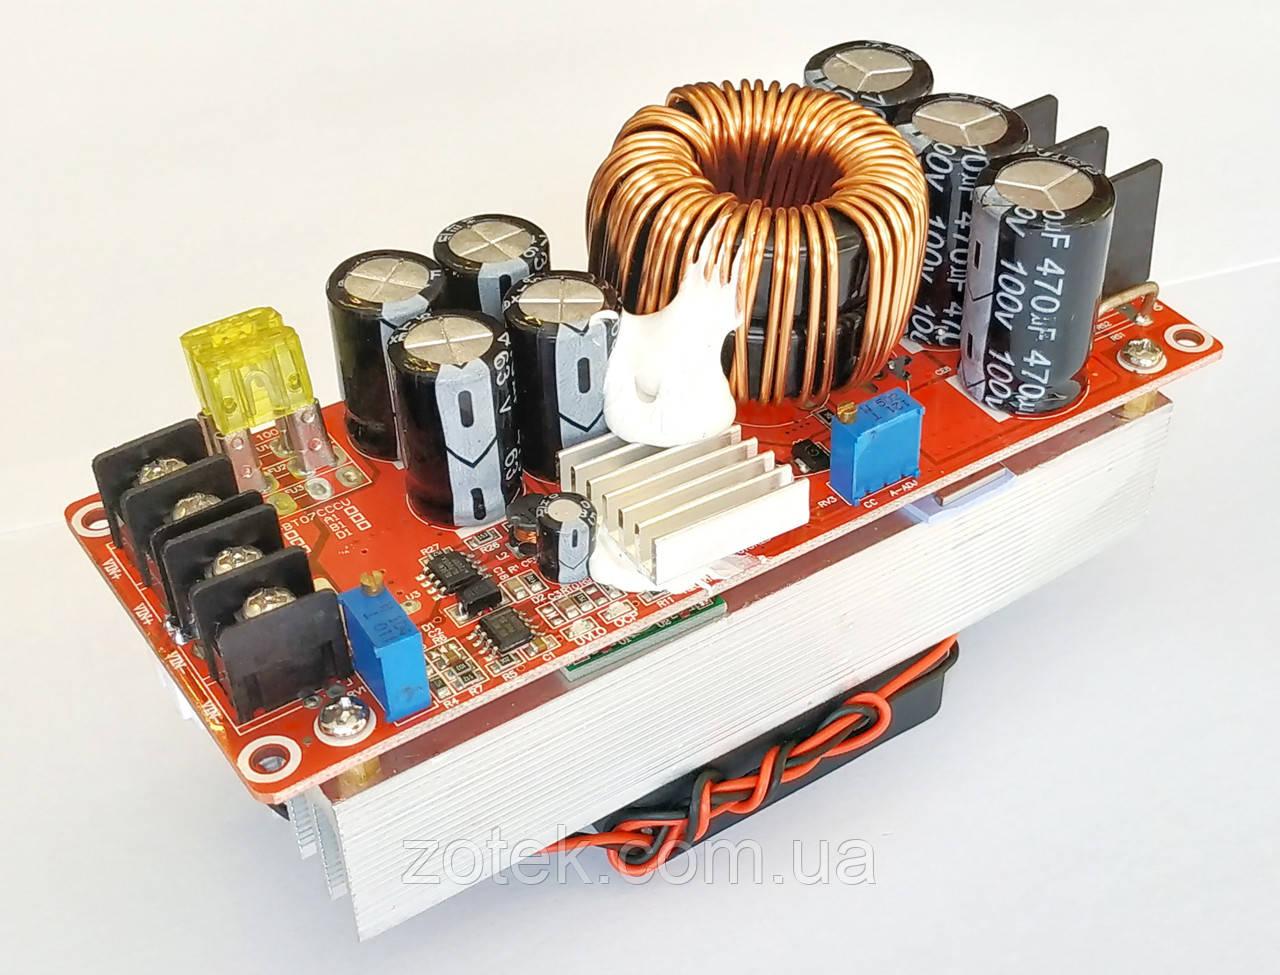 1500W 30A DC-DC Мощный преобразователь стабилизатор повышающий 10-60V->12-90V с ограничителем тока